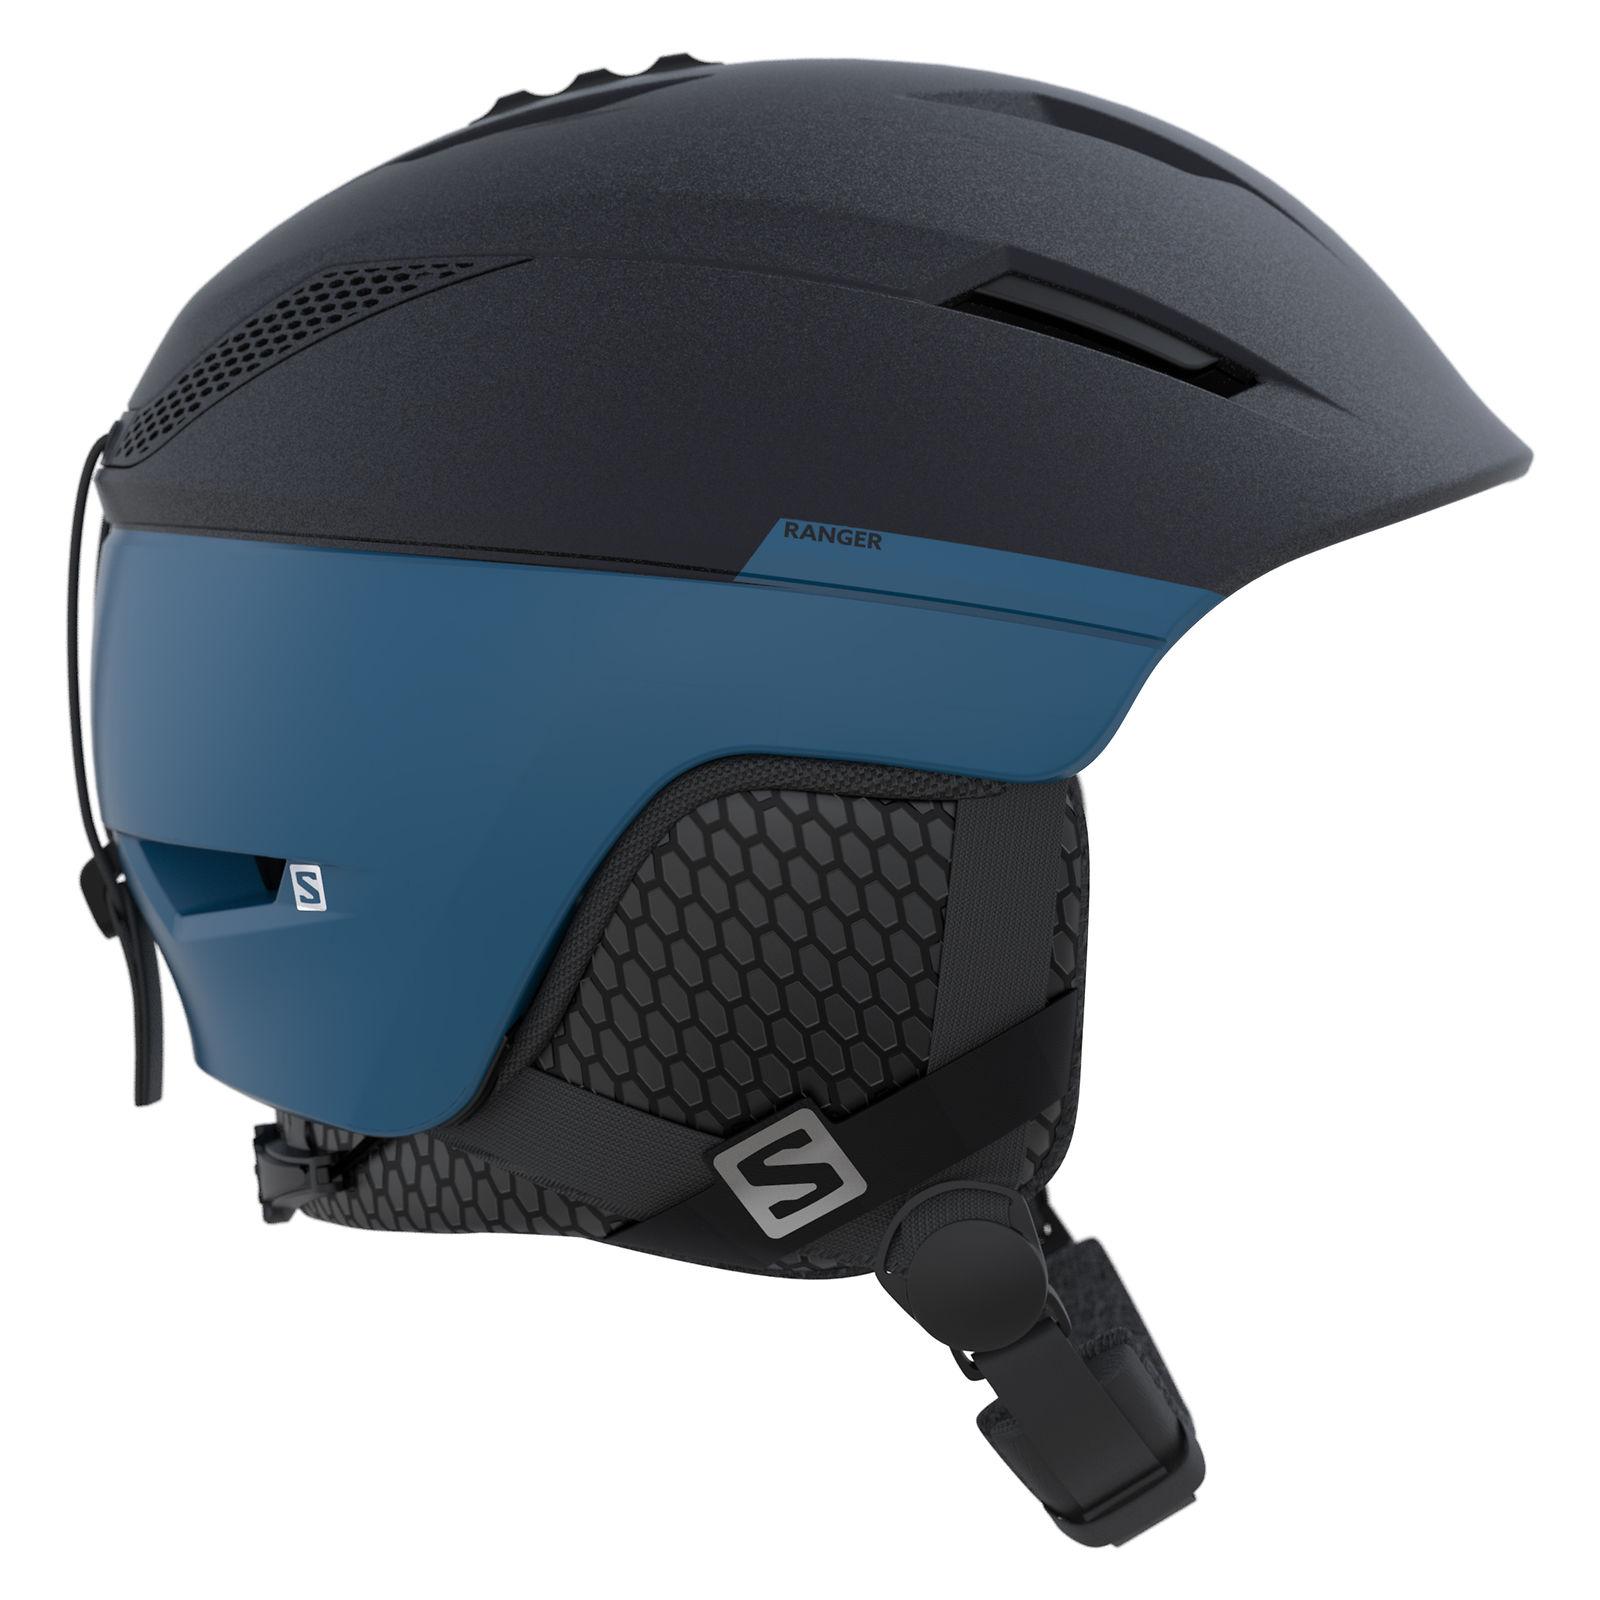 Kask Salomon Ranger 2 399129